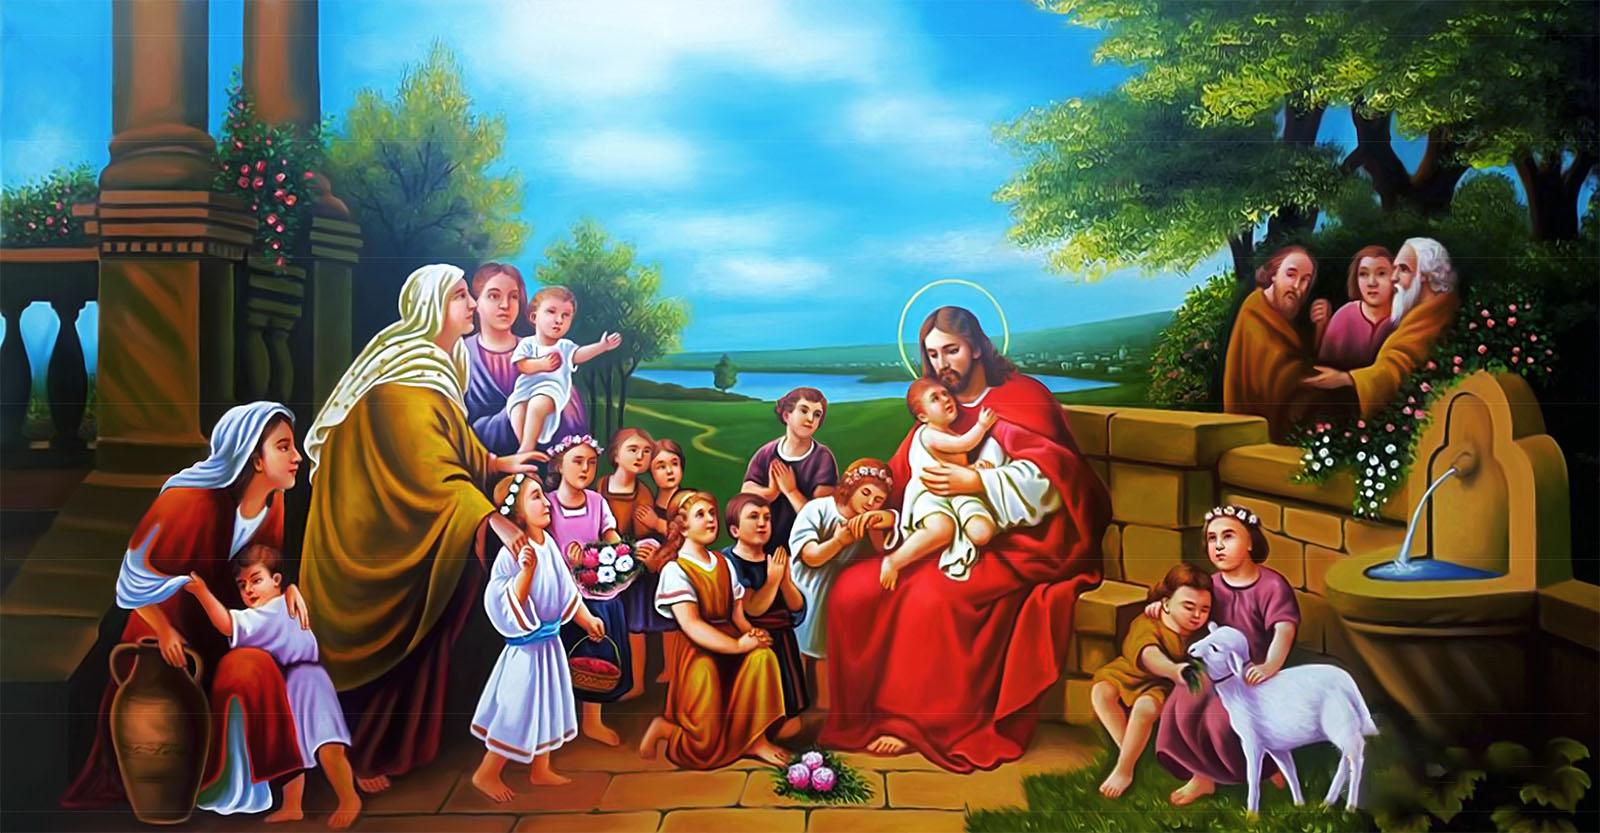 Hình ảnh đề tài công giáo